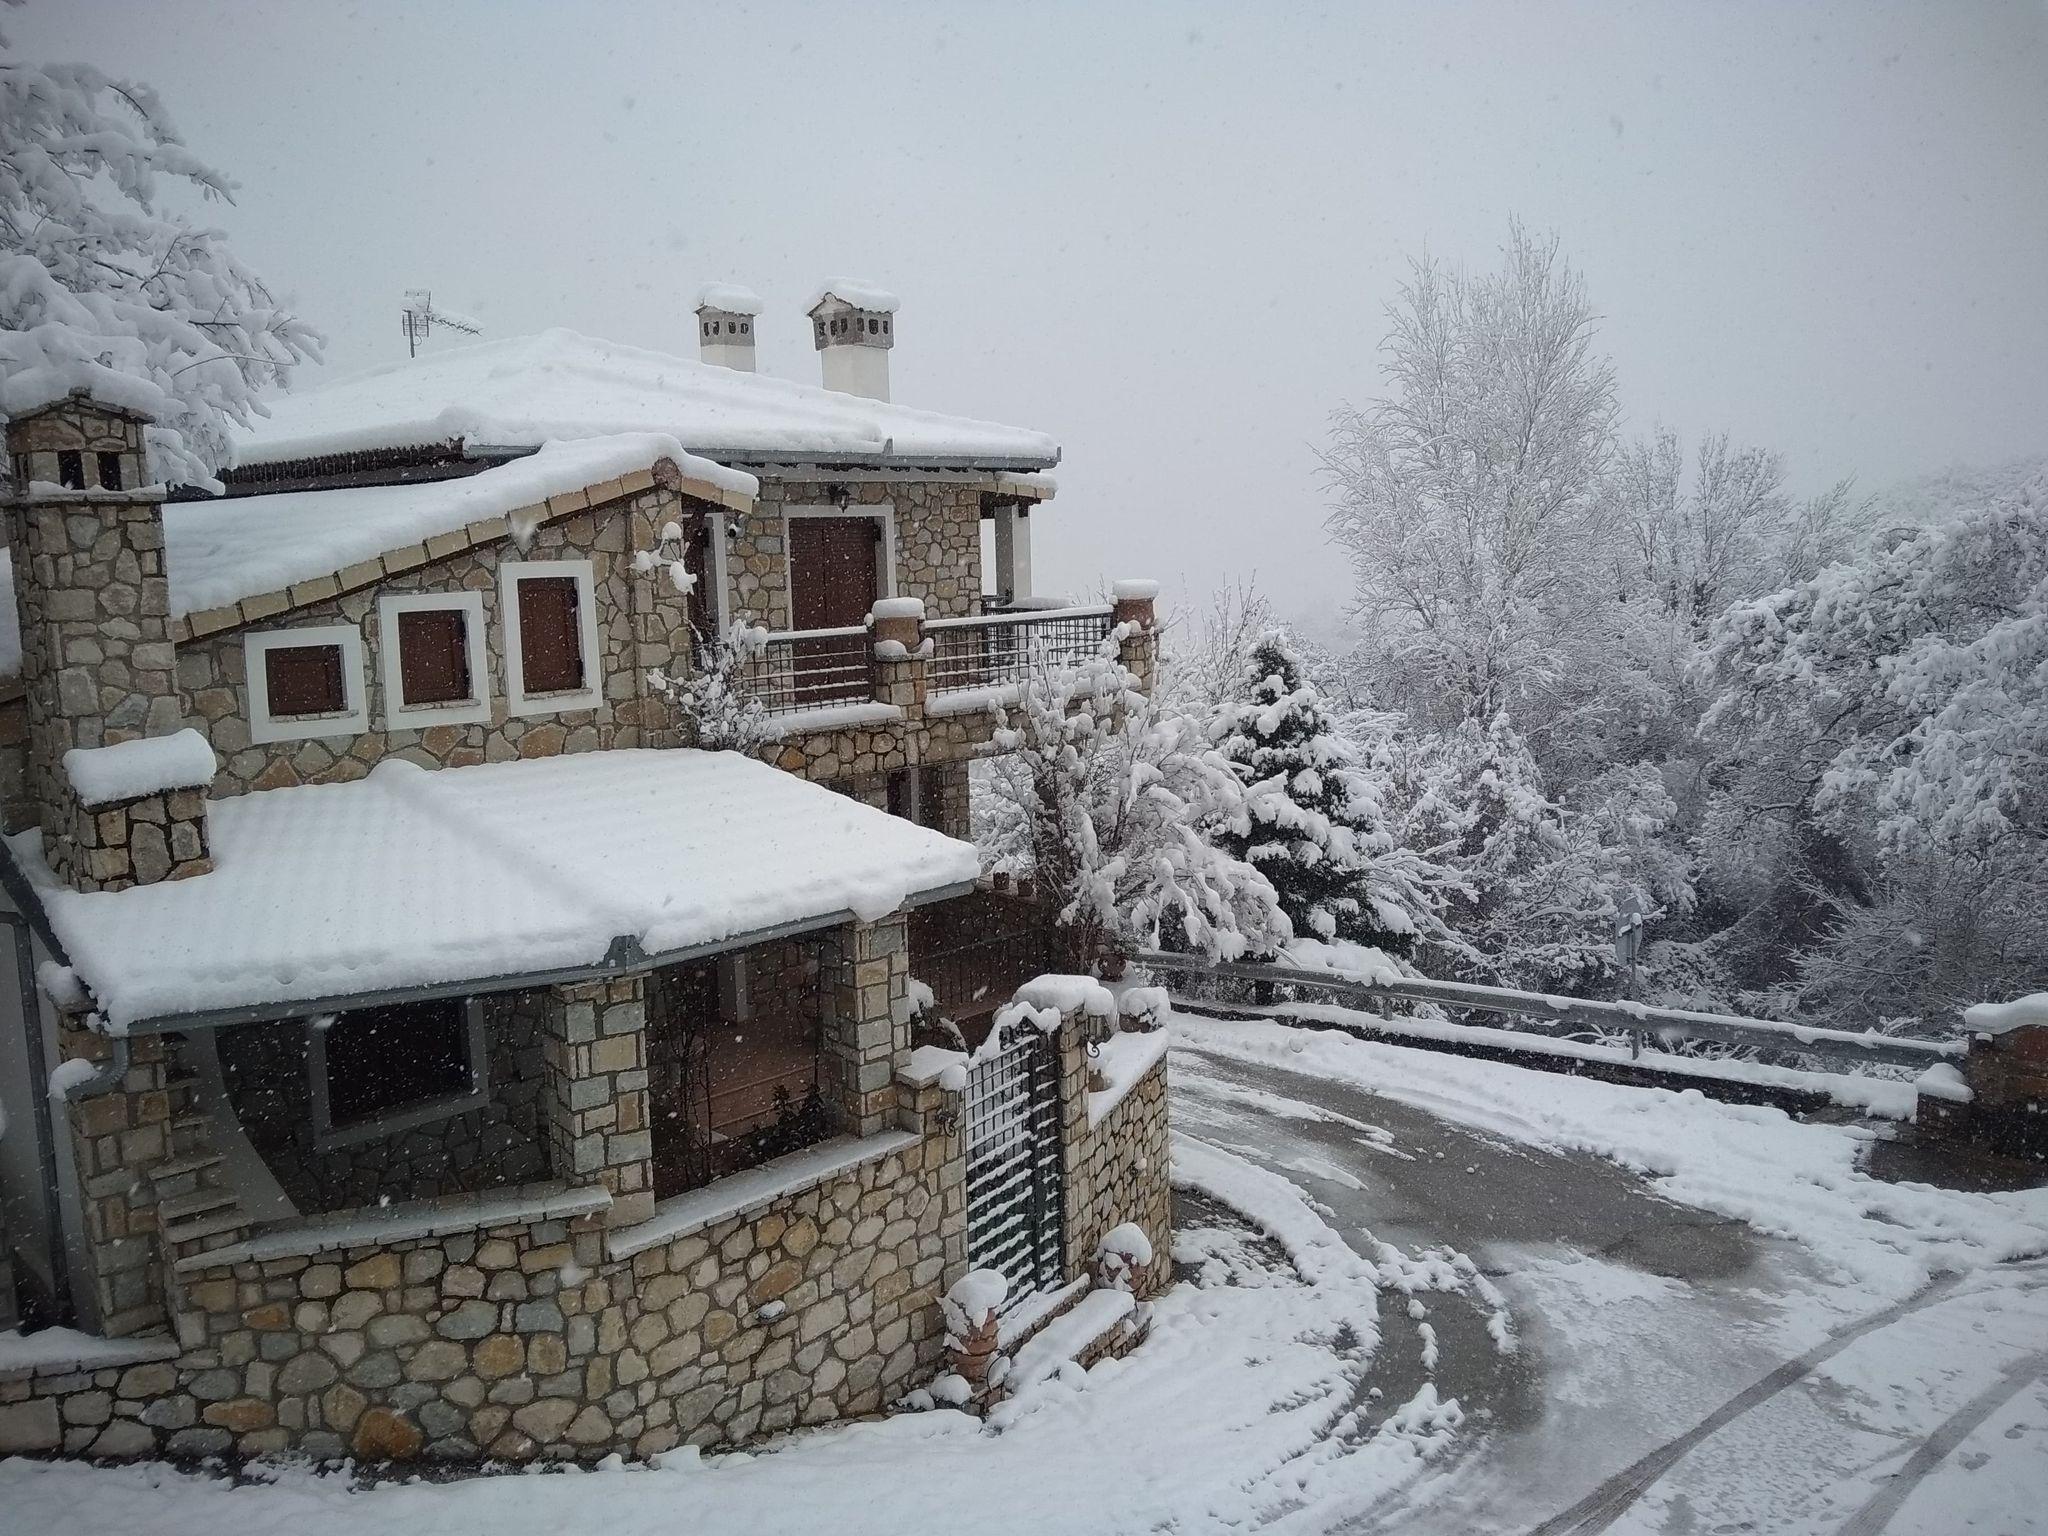 Καιρός – Τρίκαλα: Ολονύχτια μάχη με τα χιόνια – Πολλά χωριά χωρίς ρεύμα (pics)